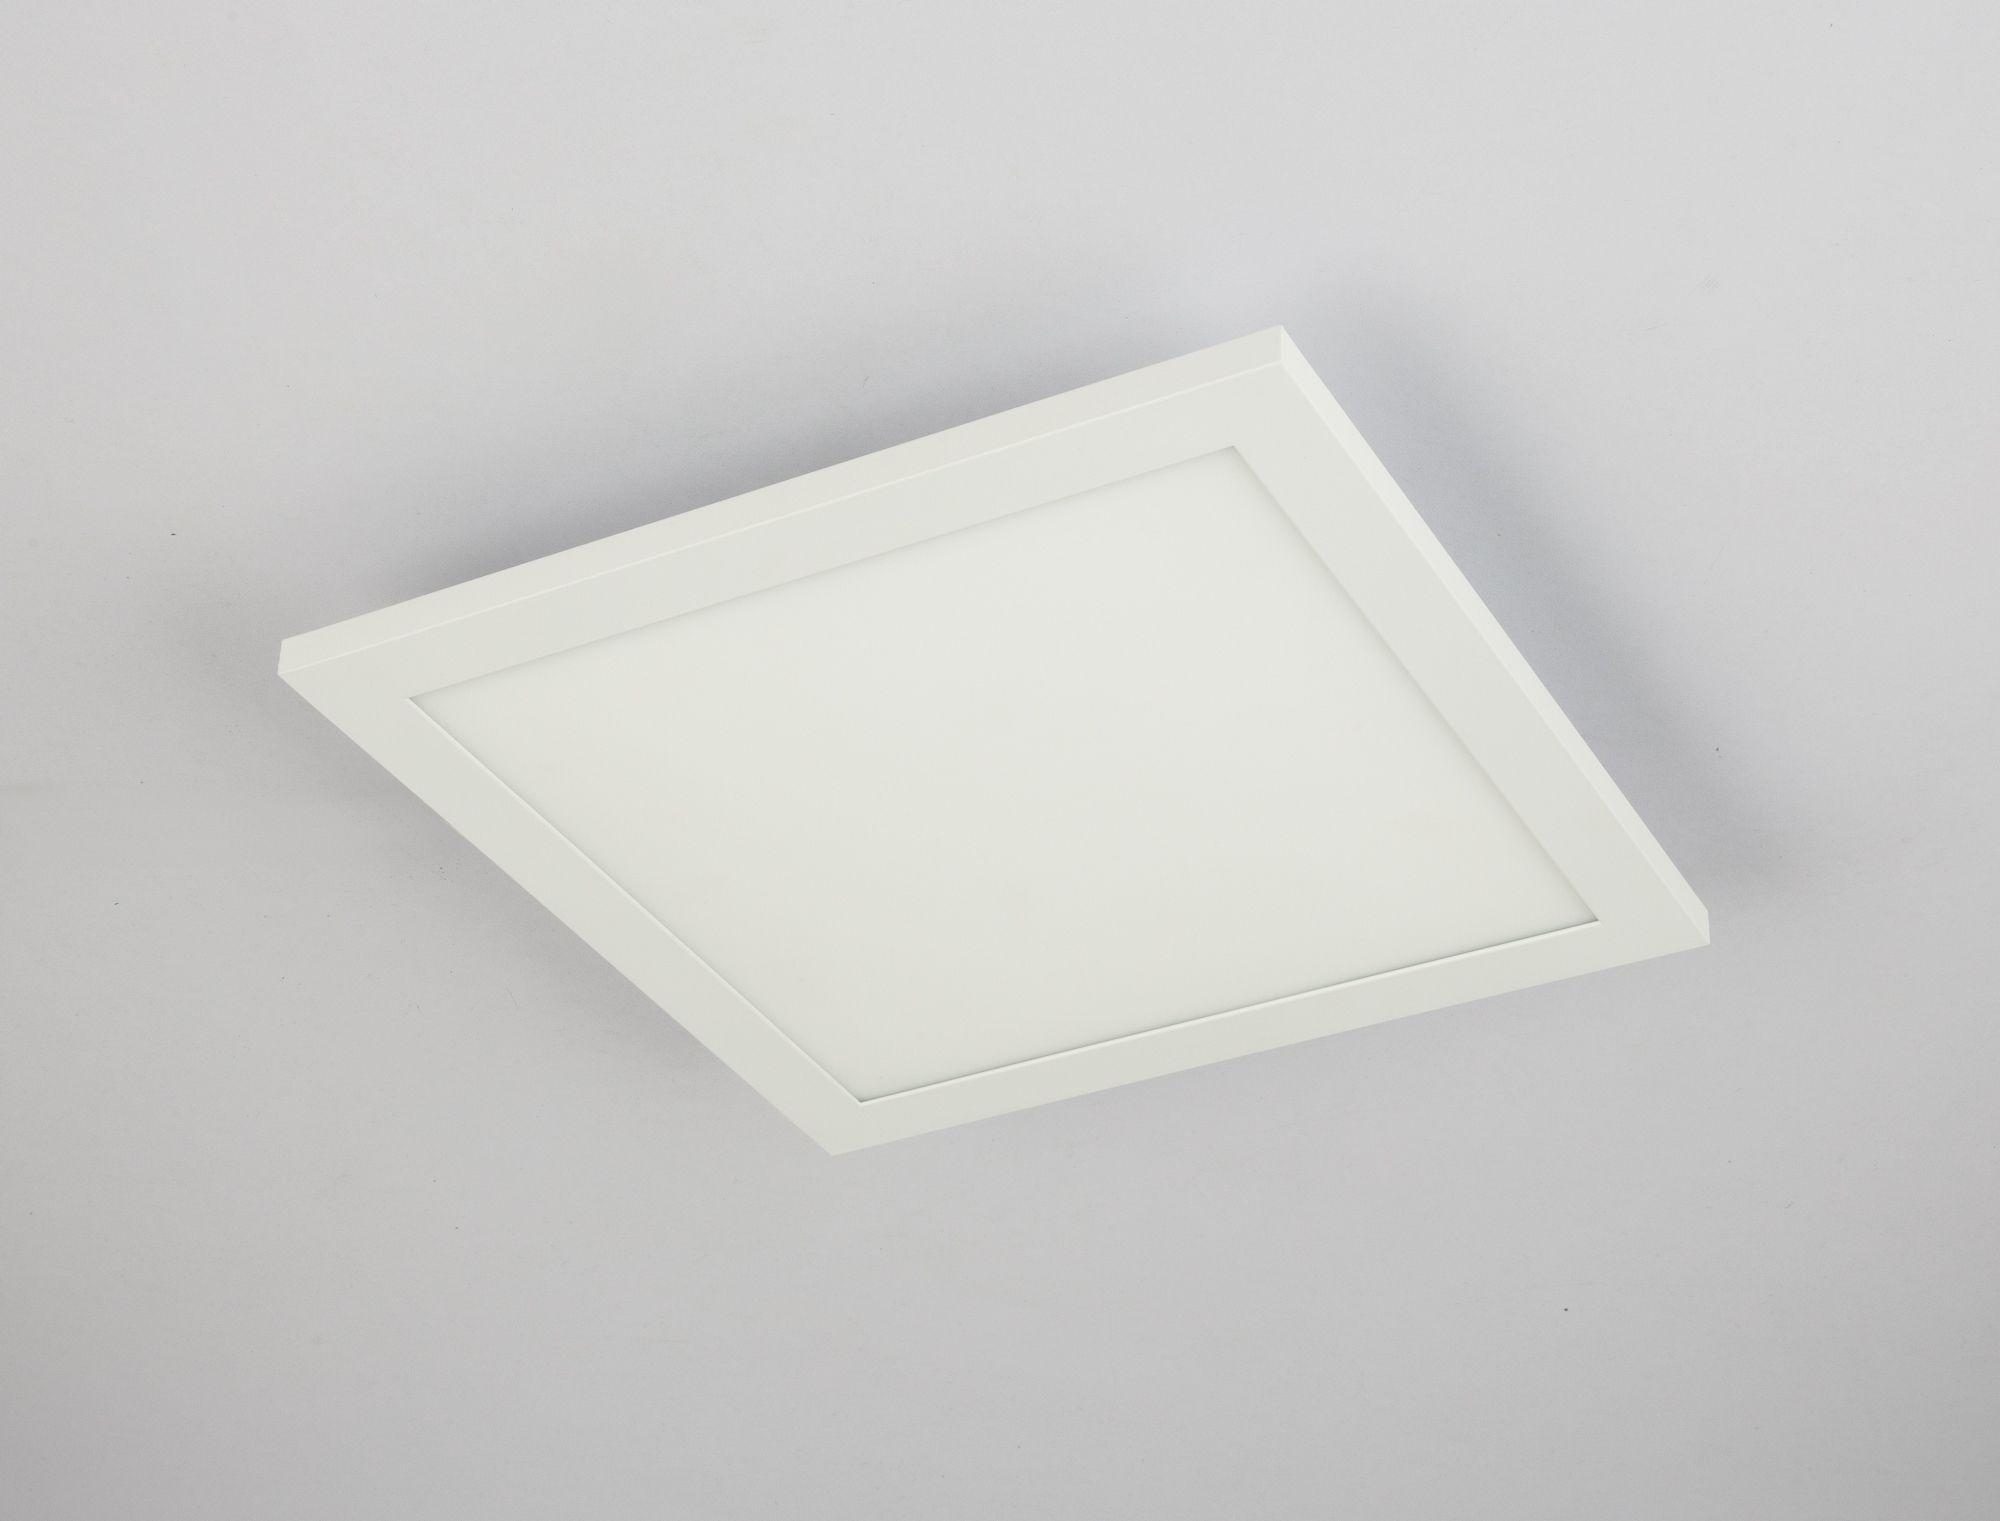 Plafoniera Led Moderna : Plafoniera led moderna cu lumina reglabila rosi 30x30cm